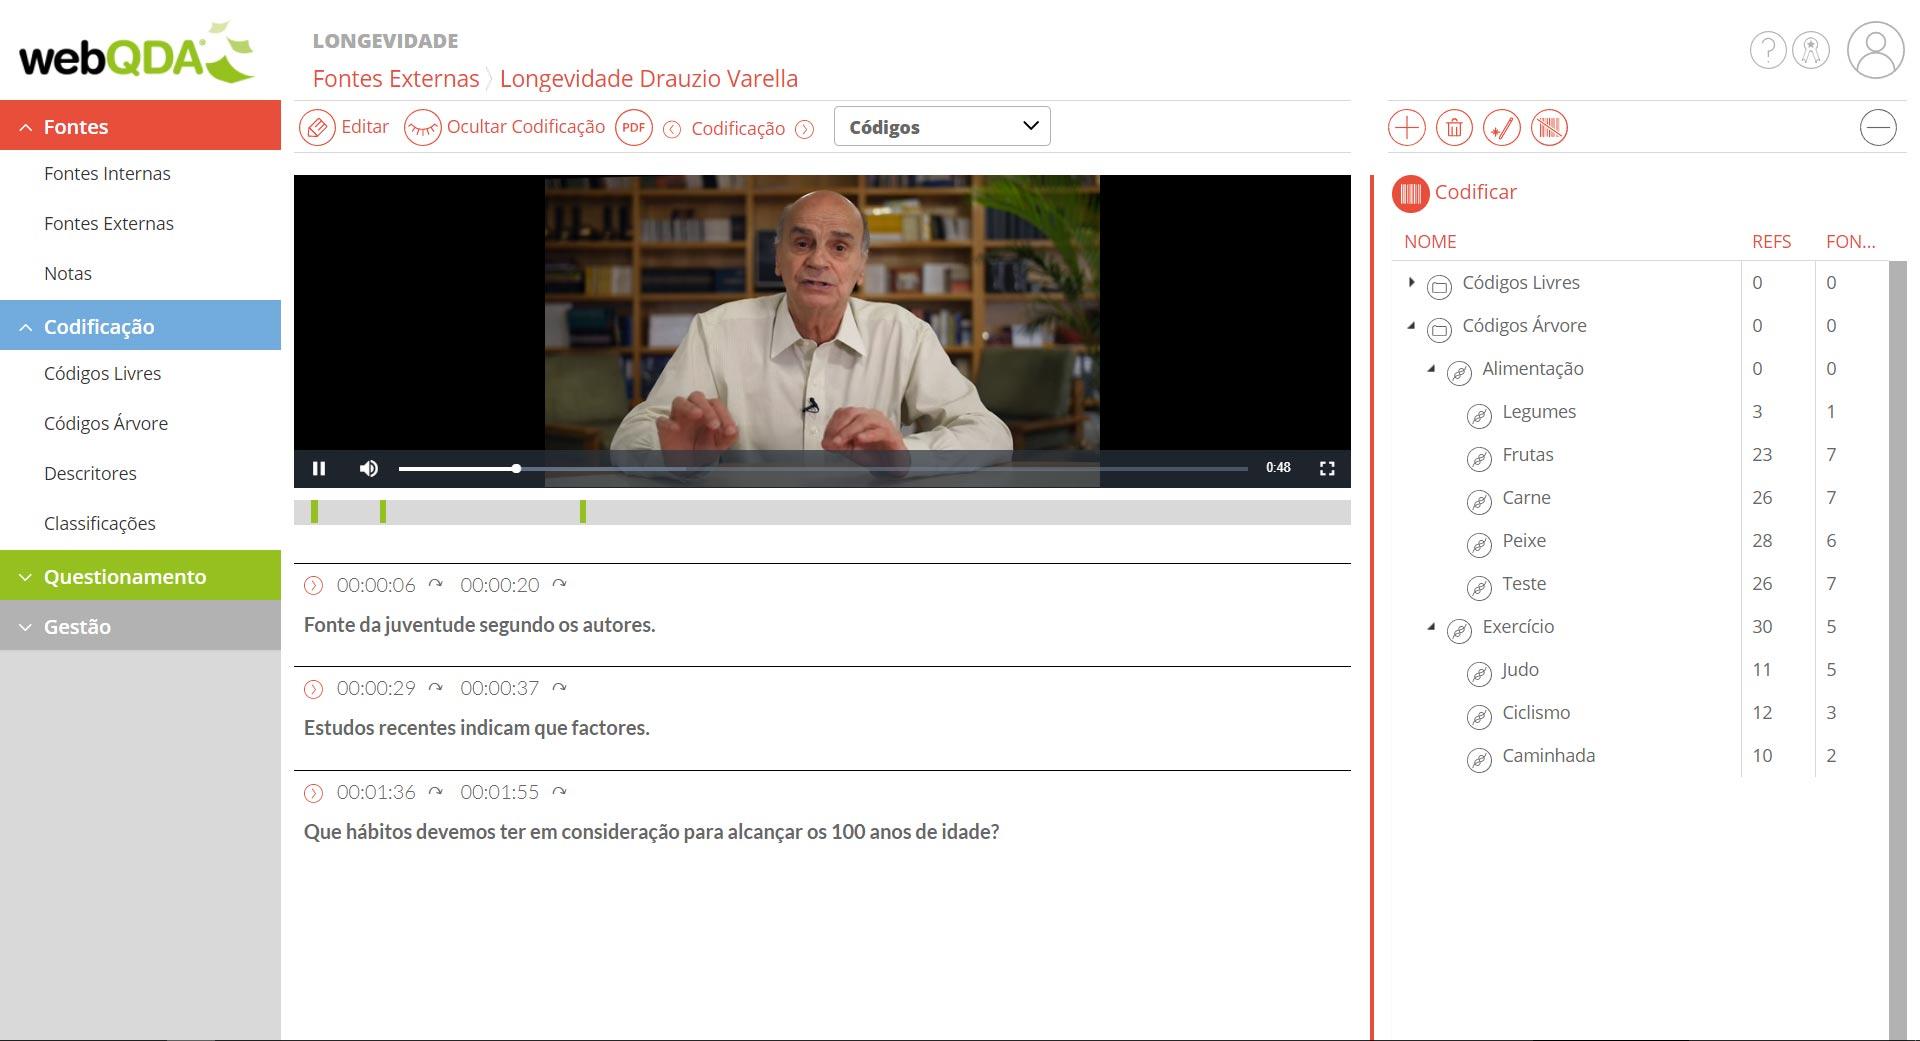 Codificação de vídeo no webQDA